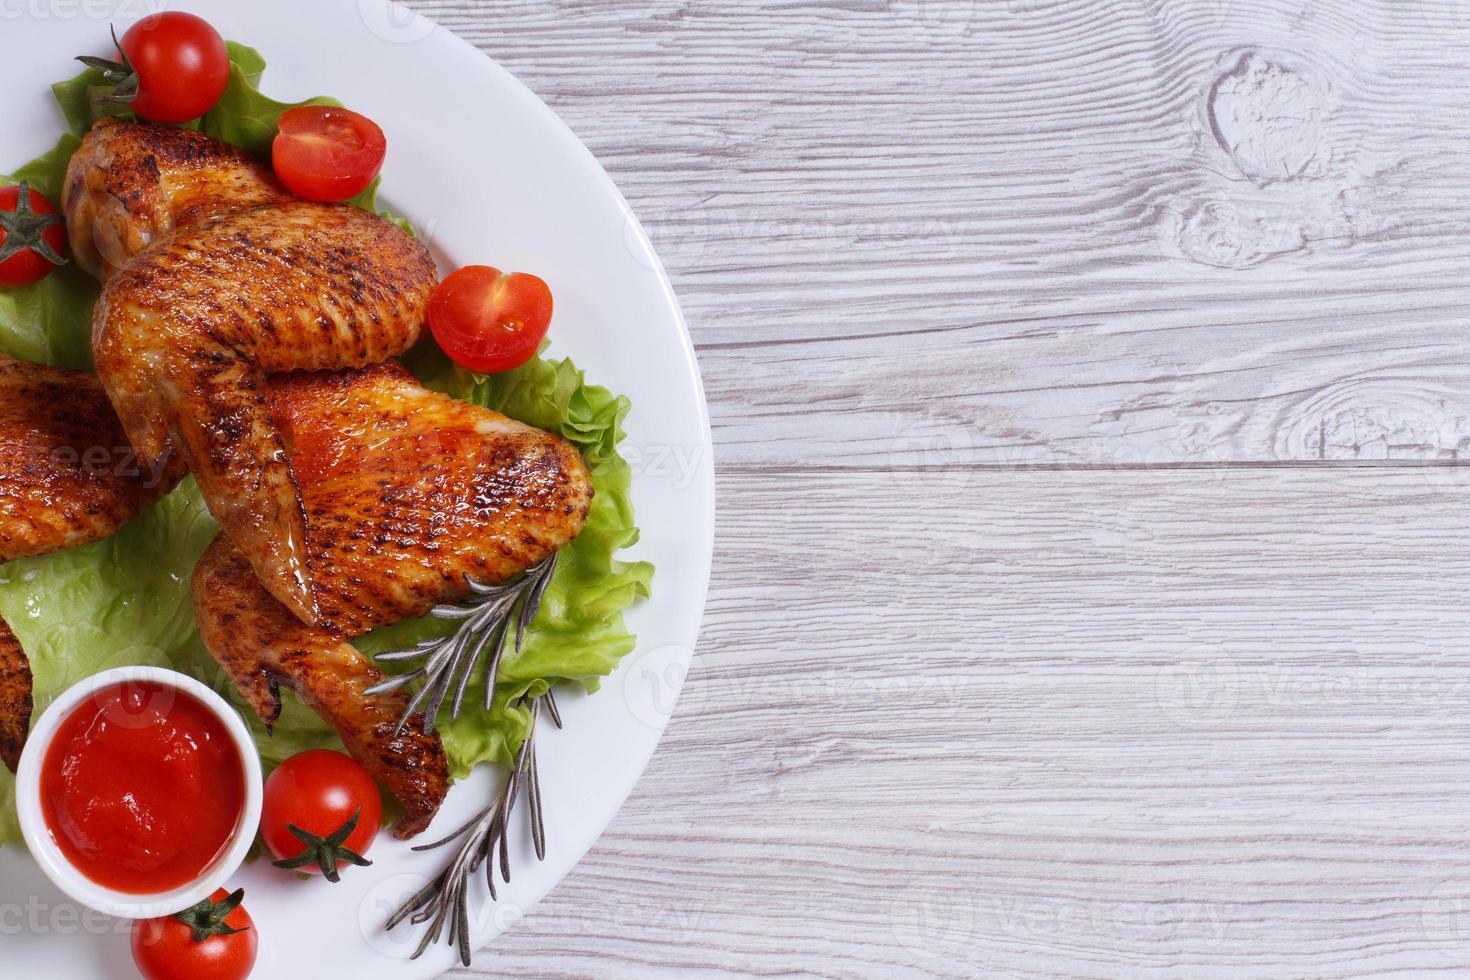 alitas de pollo fritas con salsa y verduras vista superior foto